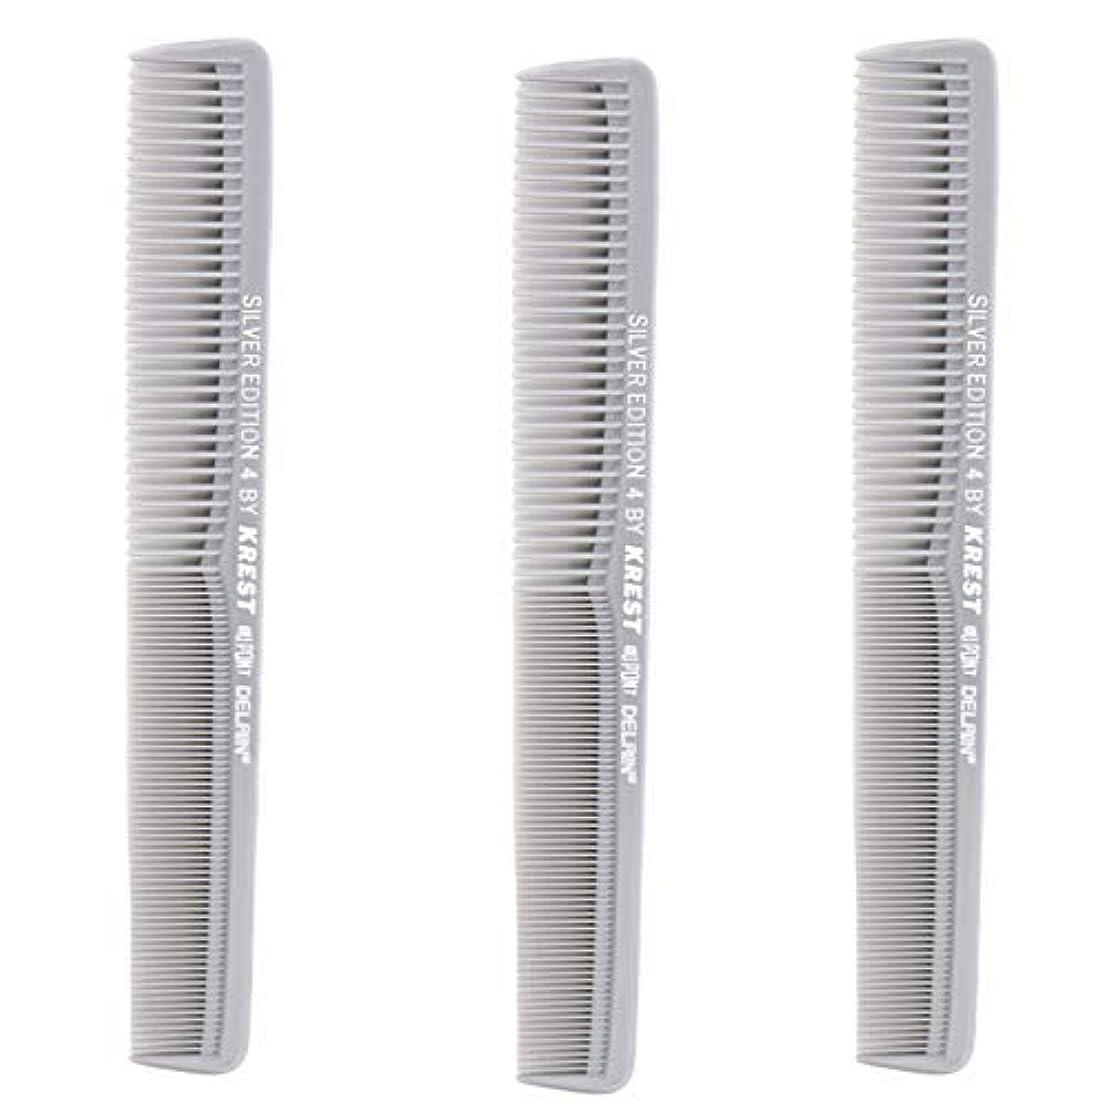 不正曖昧な後方Krest Comb 7 In. Silver Edition Heat Resistant All Purpose Hair Comb Model #4 [並行輸入品]